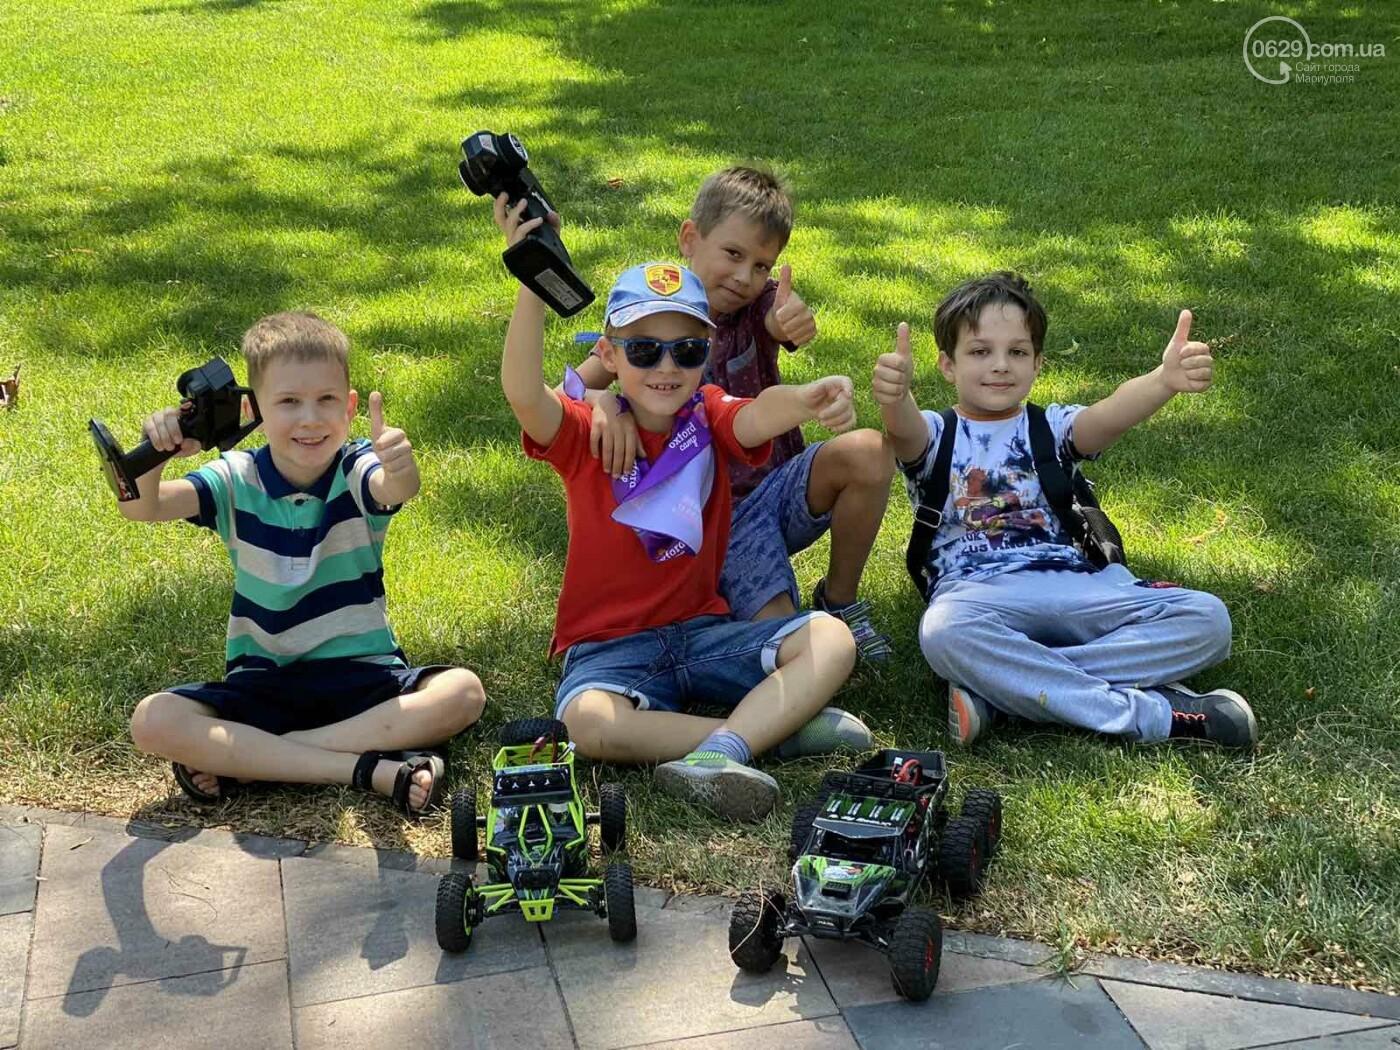 Английские каникулы для школьников от OXFORD!  Акция до 02.04, фото-3